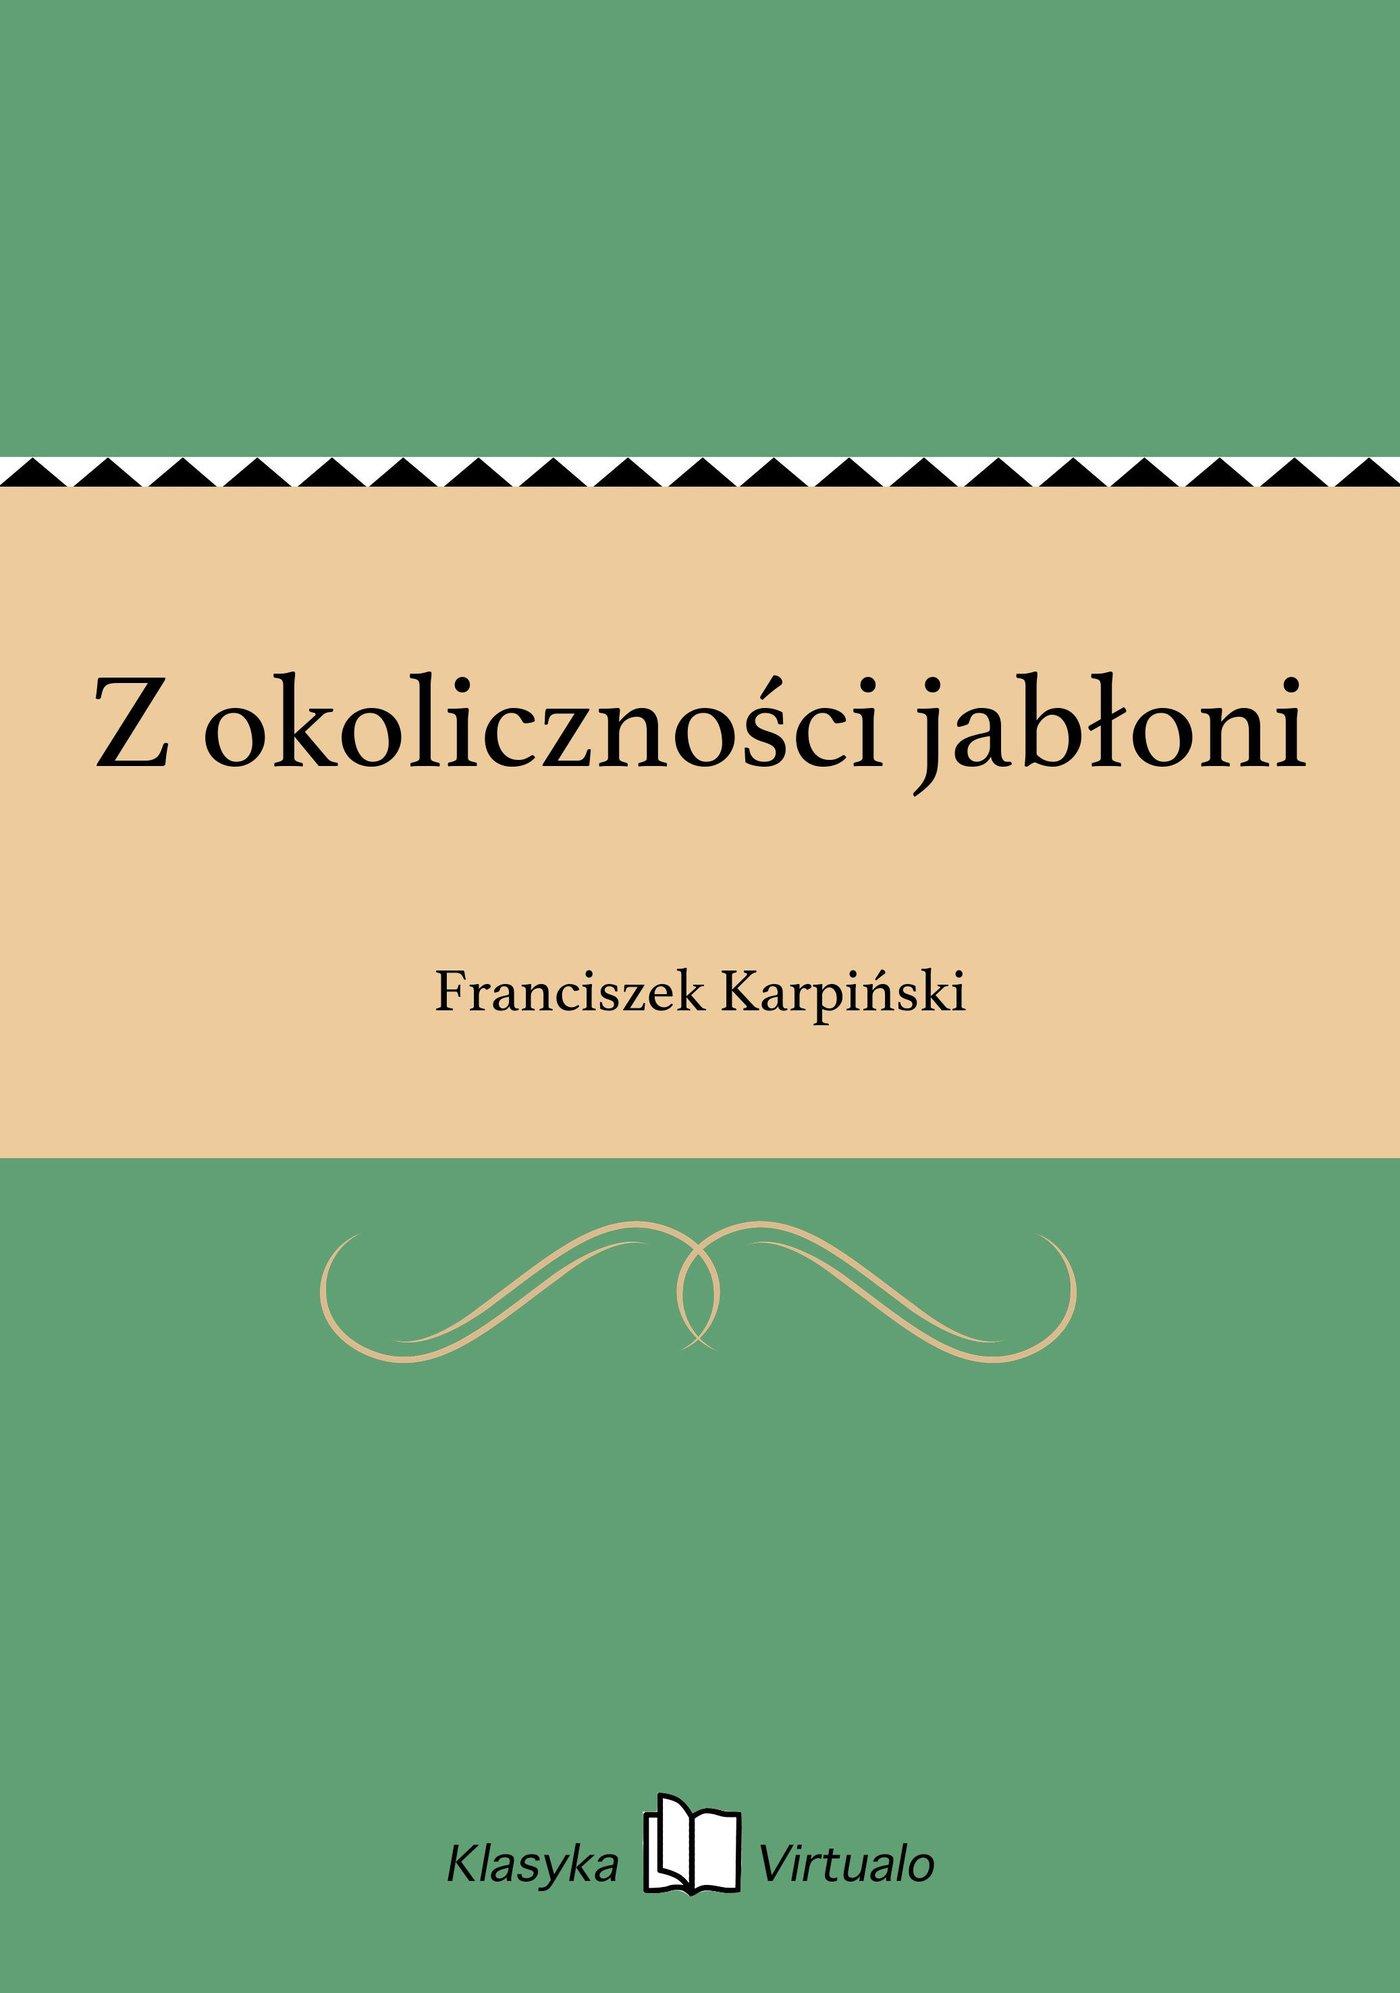 Z okoliczności jabłoni - Ebook (Książka EPUB) do pobrania w formacie EPUB